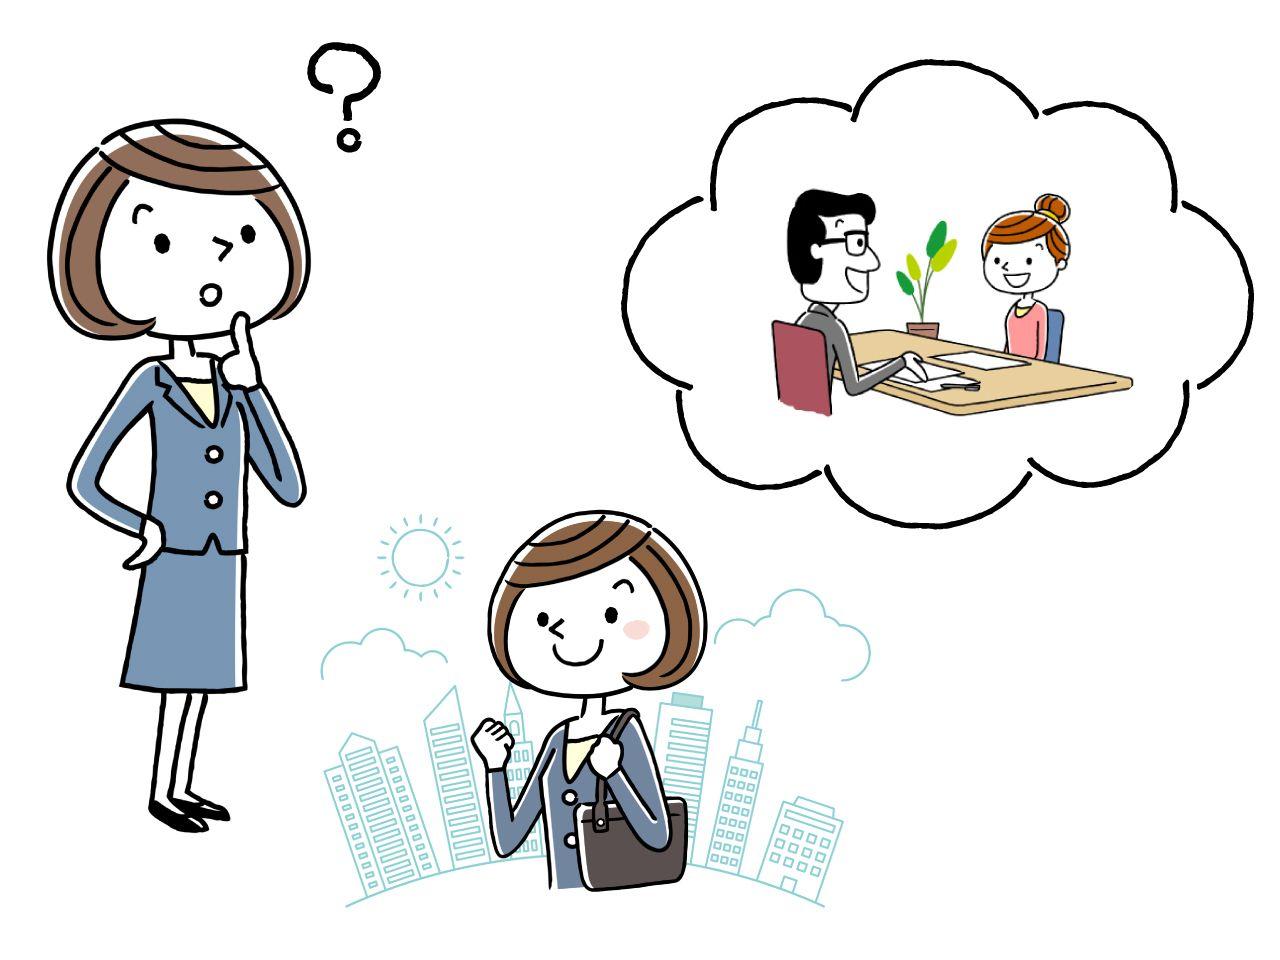 介護の経験をアピールするために必要な職務経歴書の書き方についてのイメージイラスト